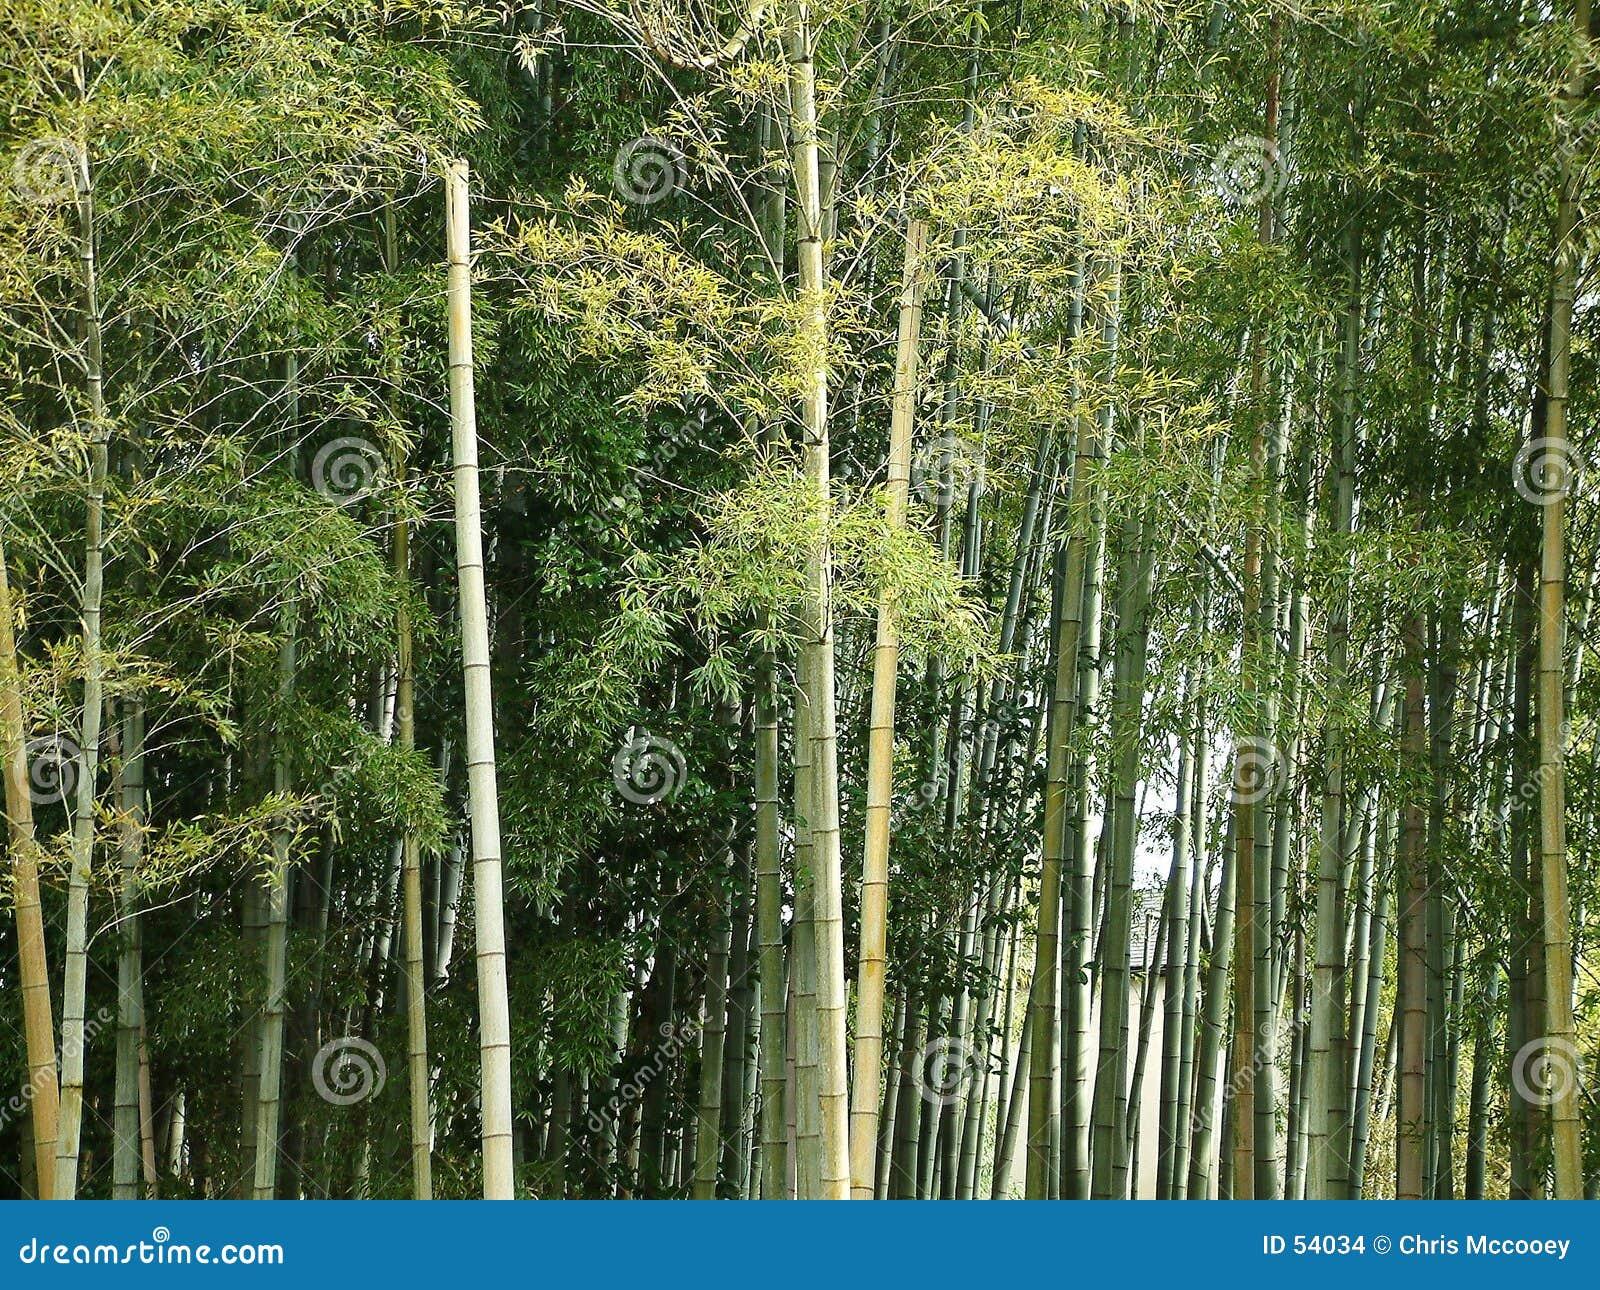 Download Forêt en bambou photo stock. Image du asie, japan, arbres - 54034